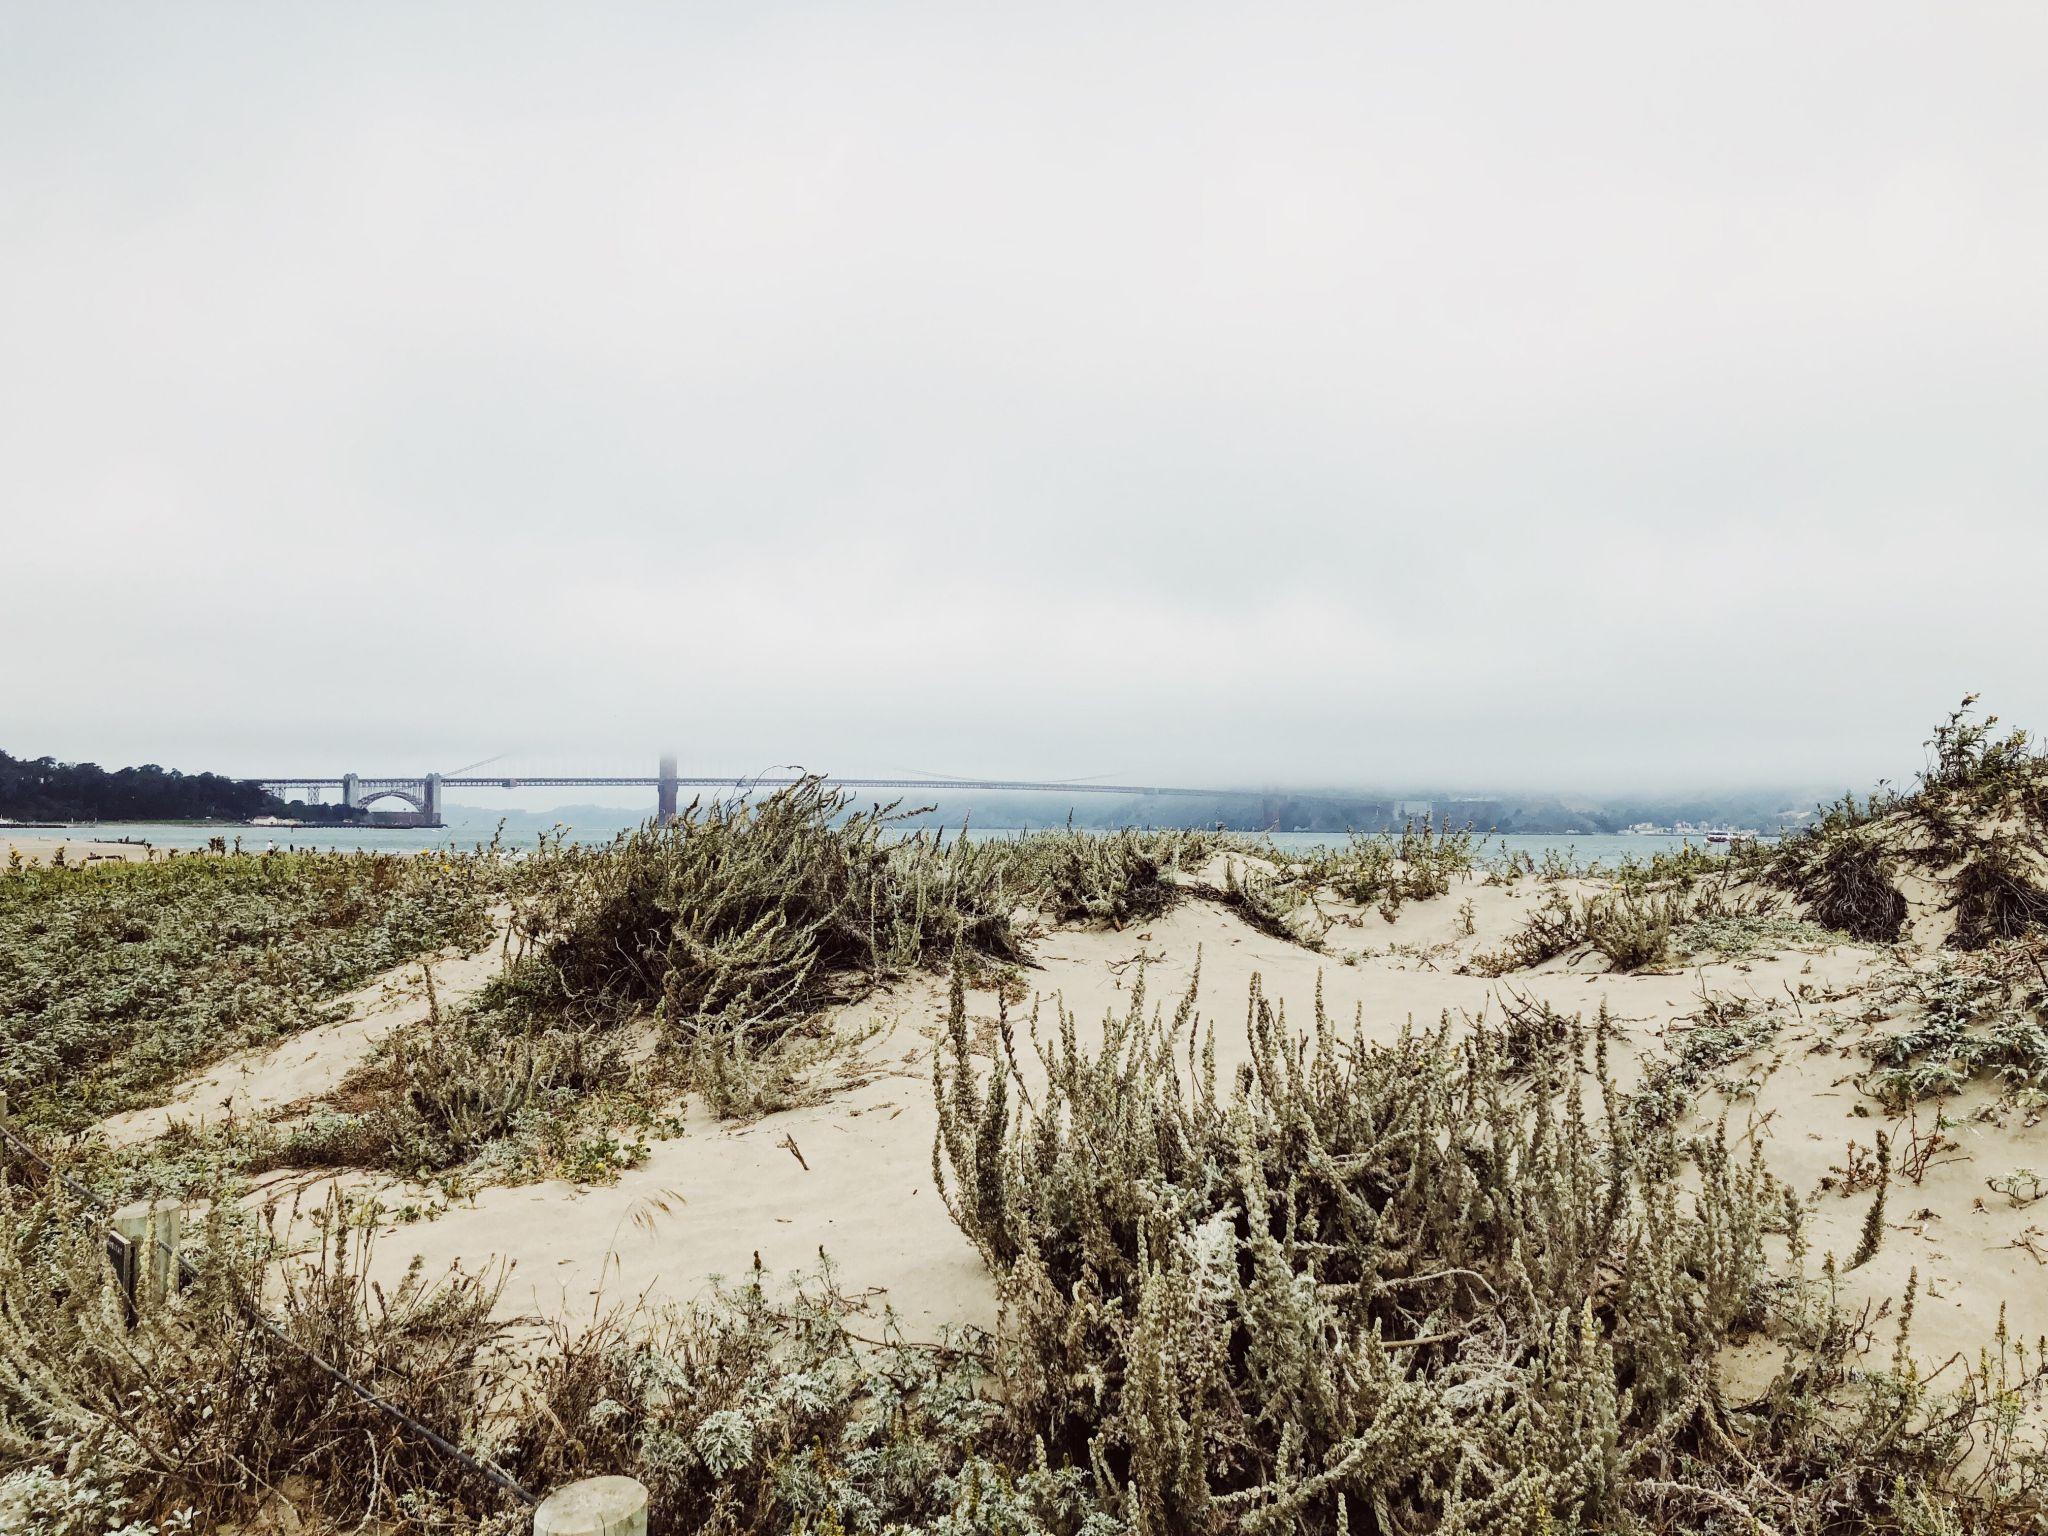 Die Marina/ Chestnut Street Gegend in San Francisco - Nowshine ü40 Reiseblog - Golden Gate Bridge Promenade